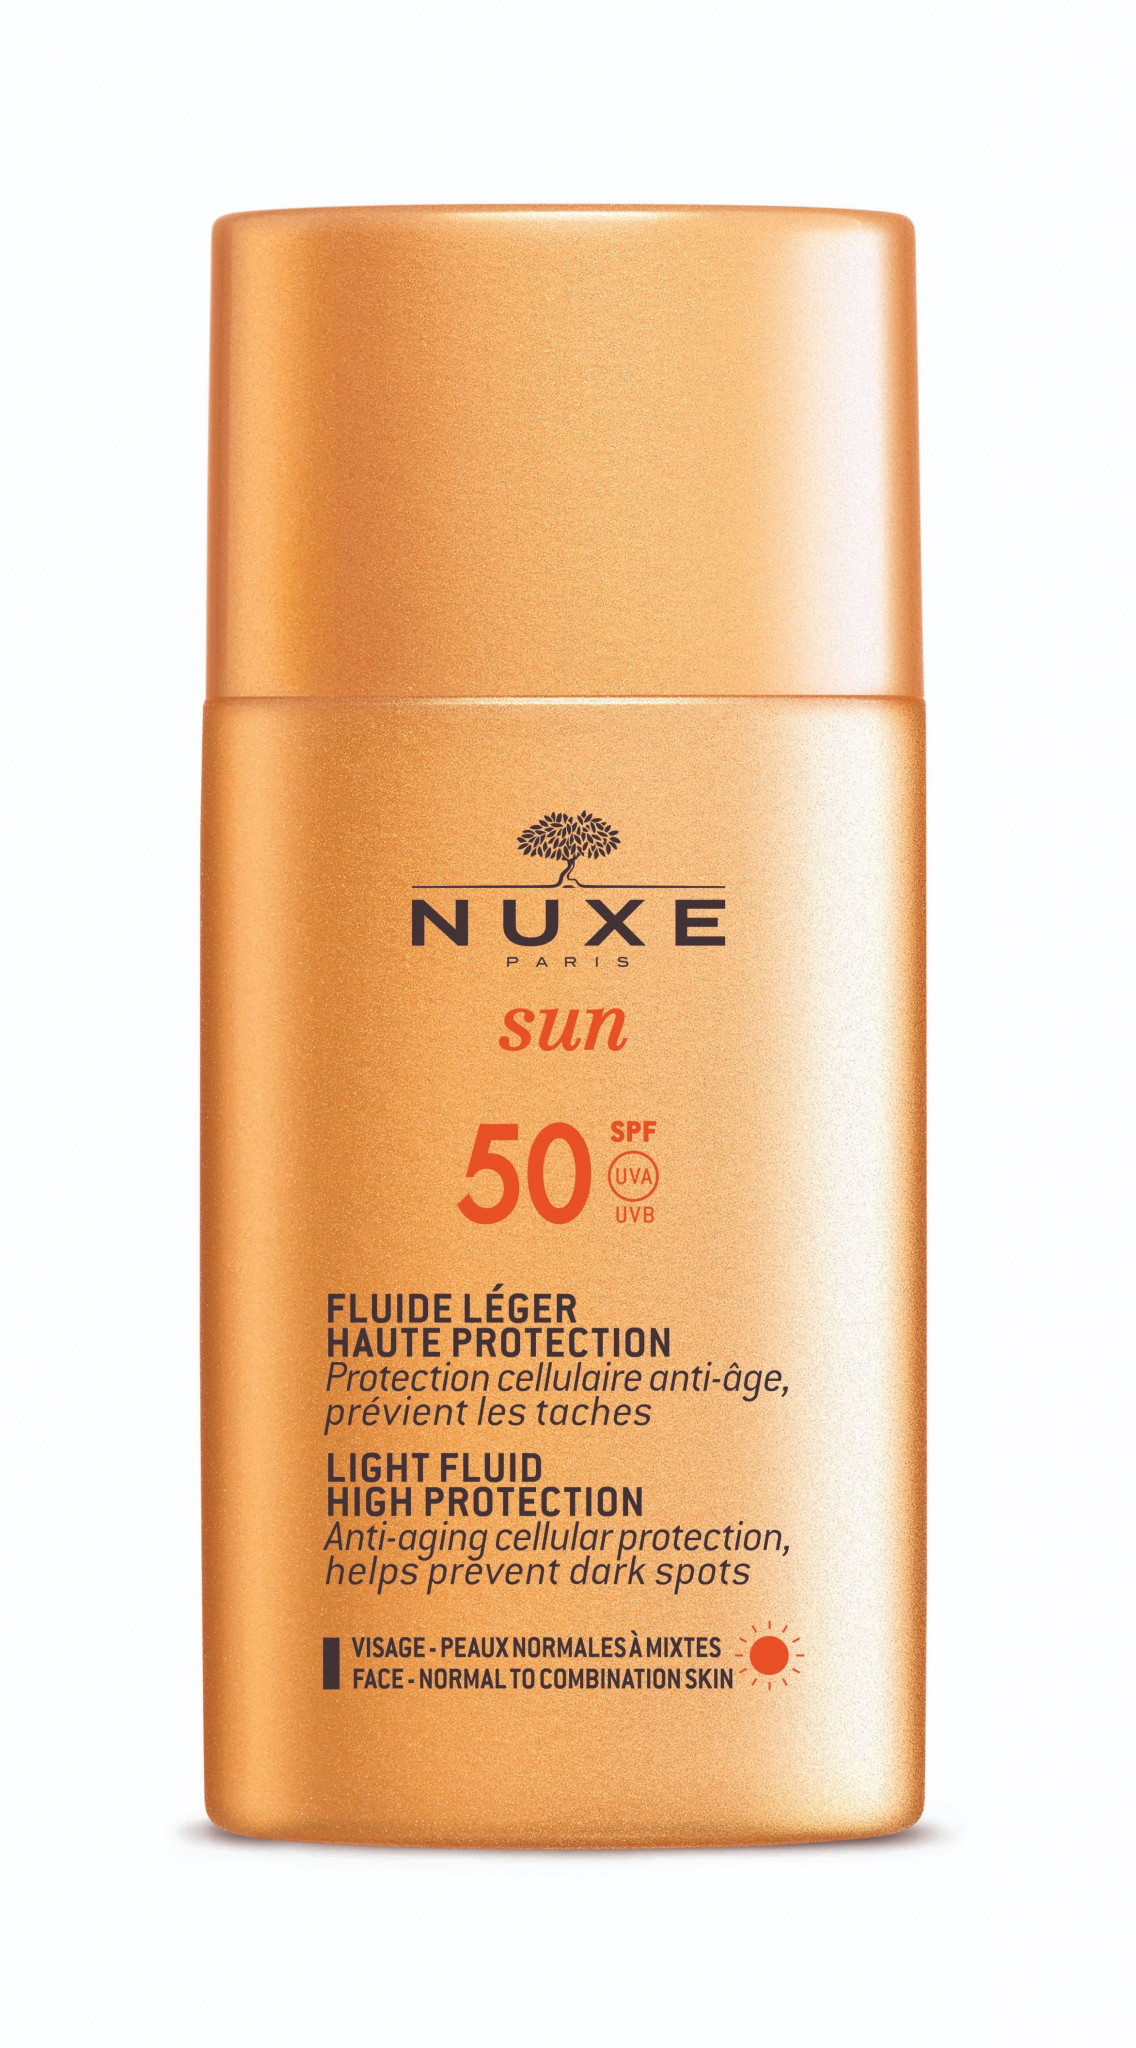 10 crèmes solaires plus respectueuses de l'environnement - 2